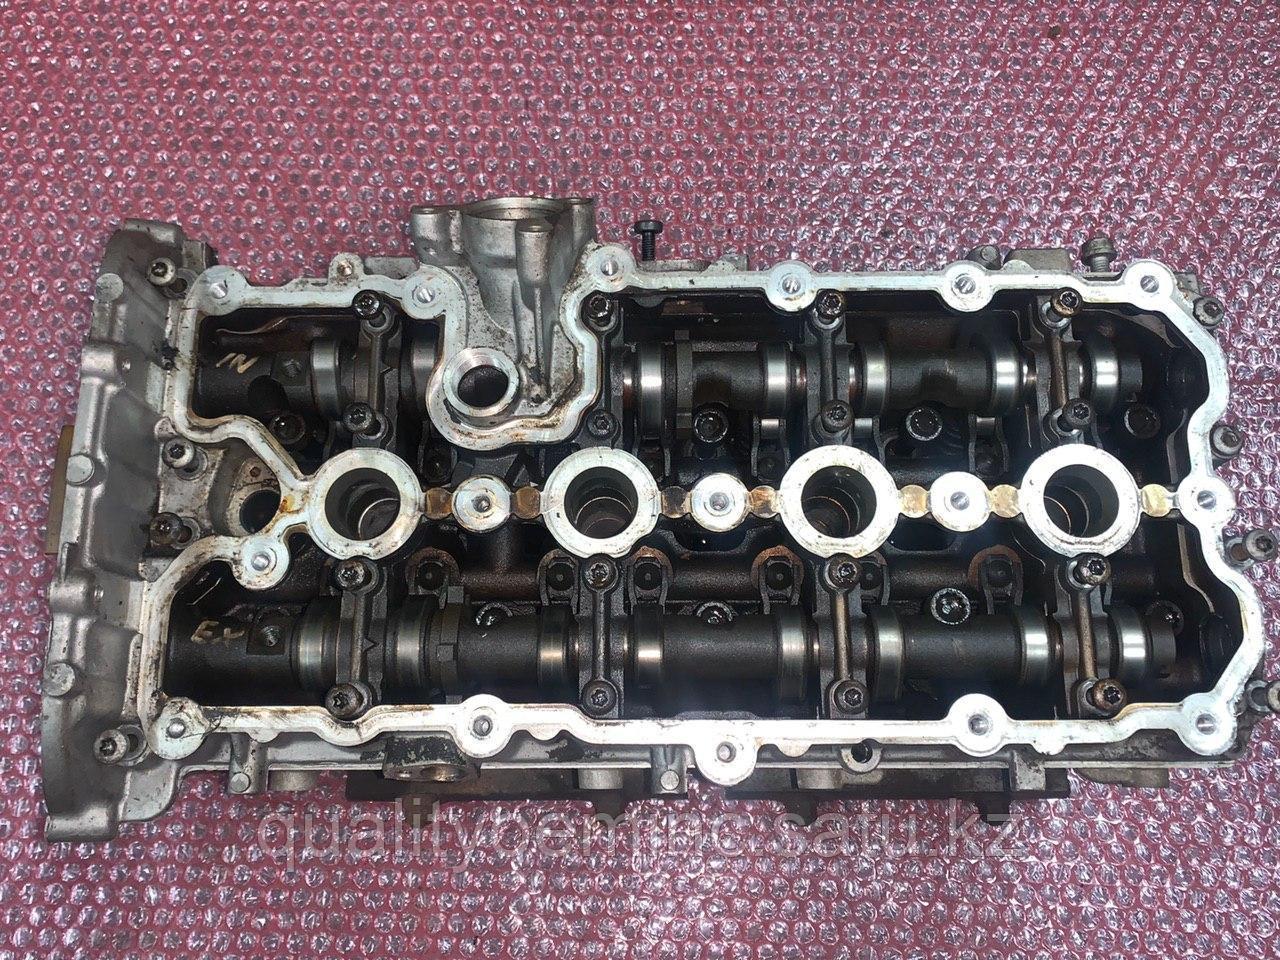 Головка блока цилиндров правая на Audi A8 D3/4E [рестайлинг]